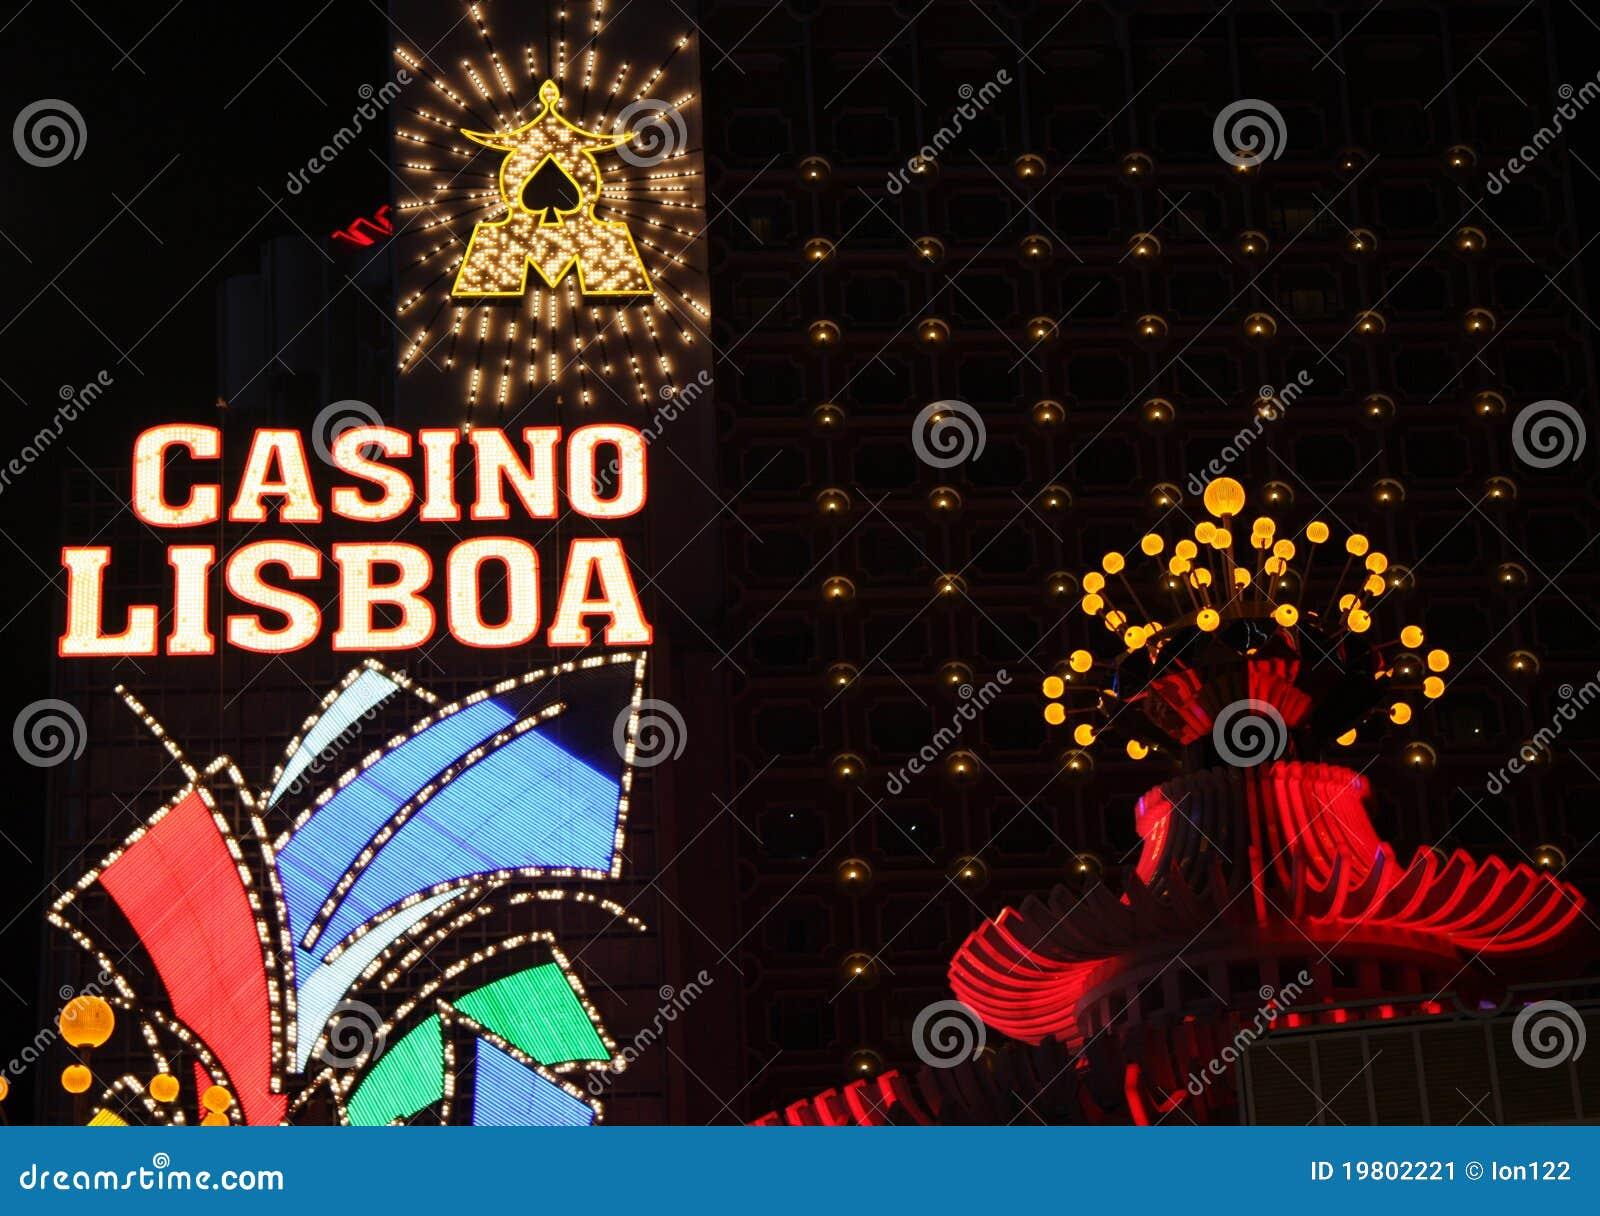 Новый год в Португалии 2 17 – что делать? - Португалия